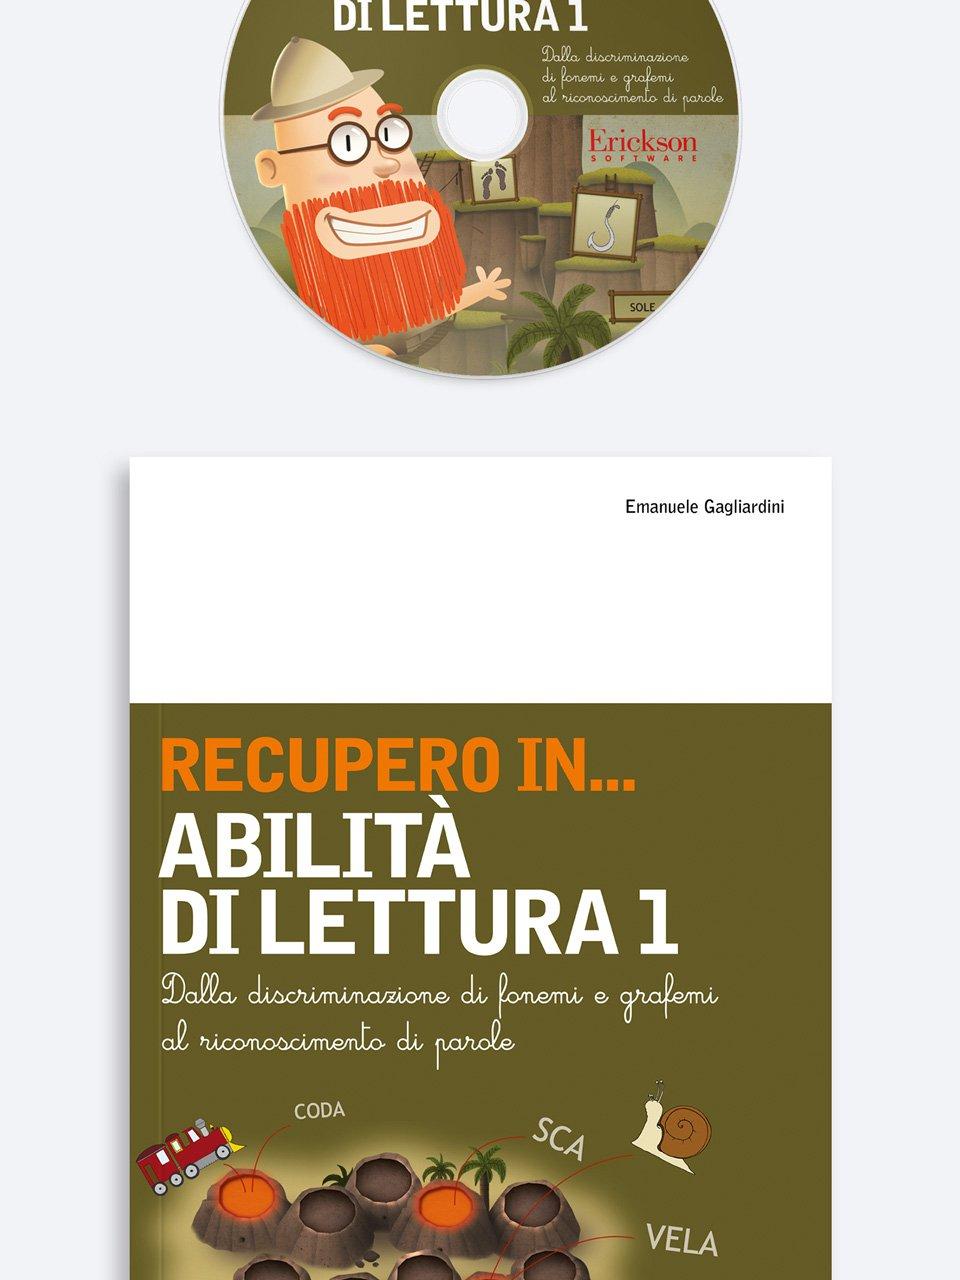 RECUPERO IN... Abilità di lettura 1 - Leggere per immagini - Libri - Erickson 3